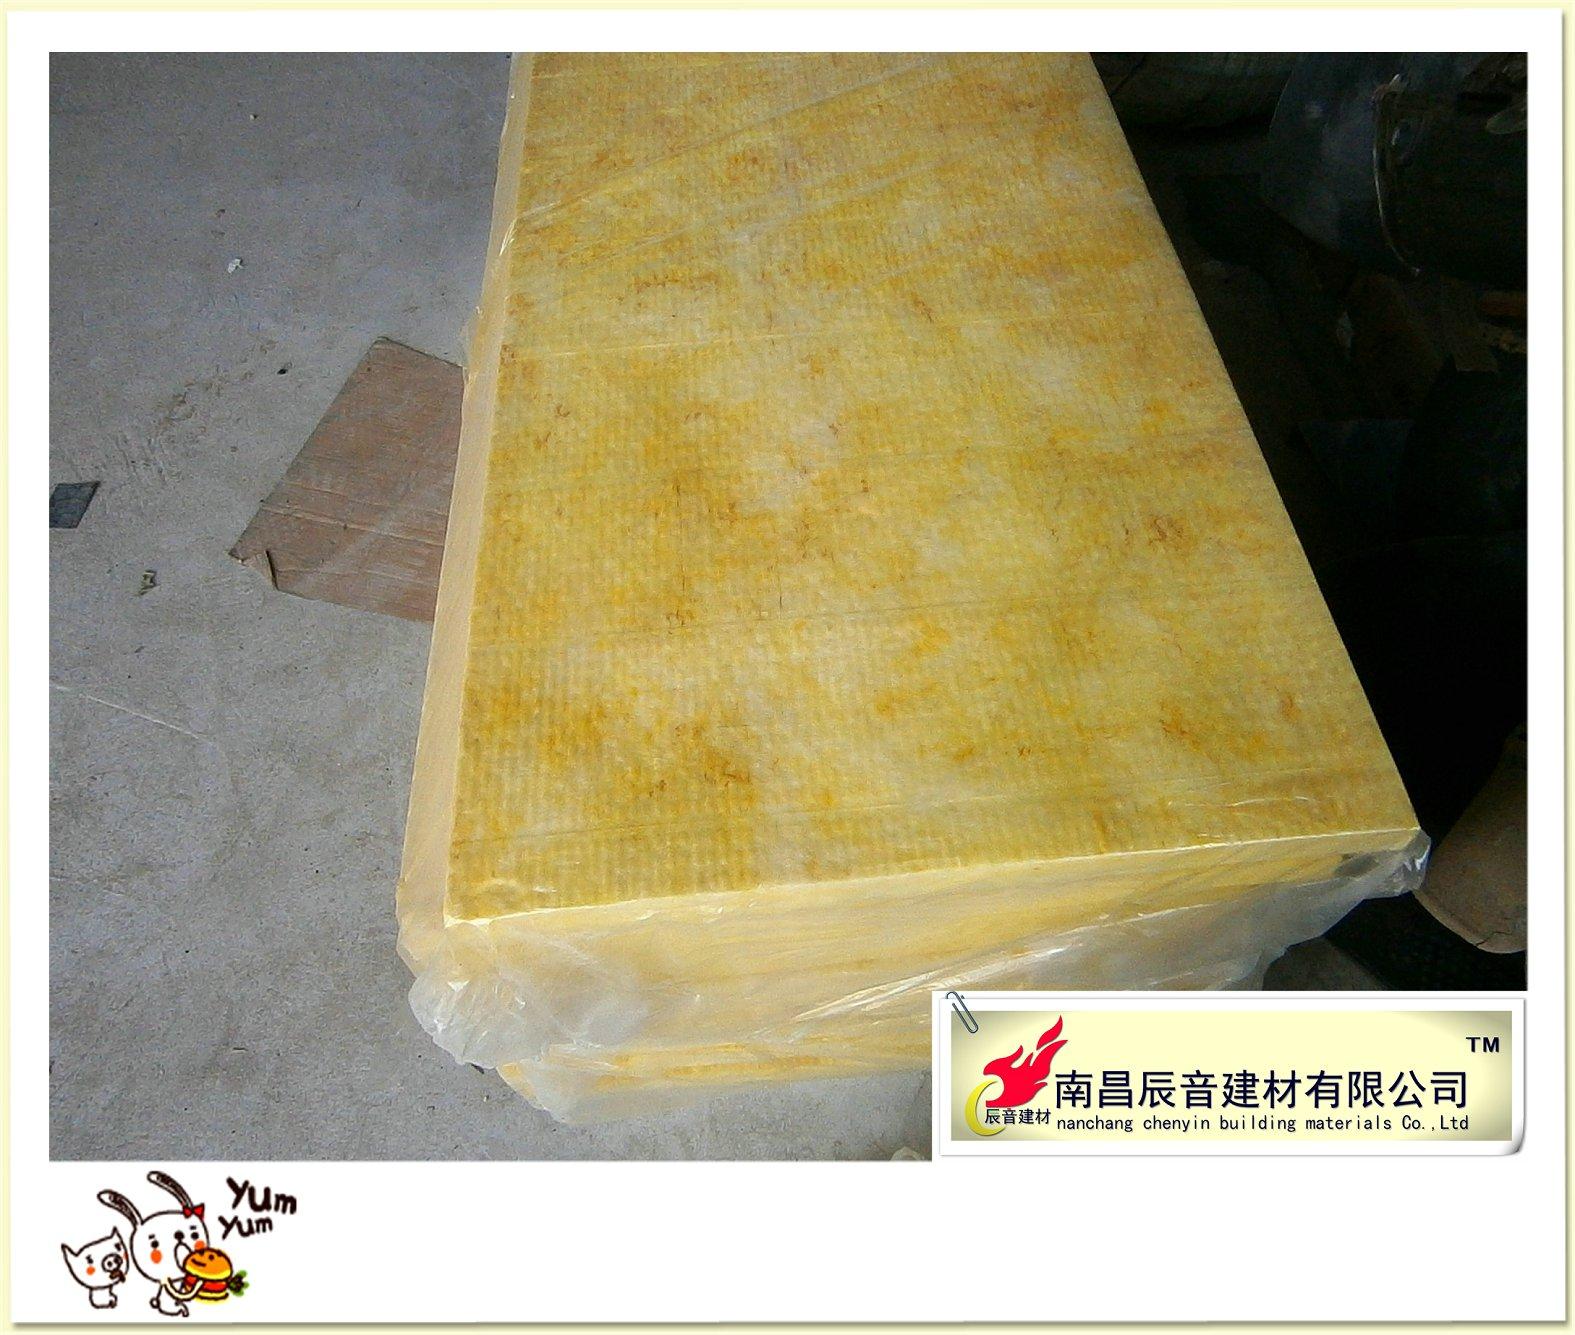 岑巩县防火填充隔断玻璃棉板价格